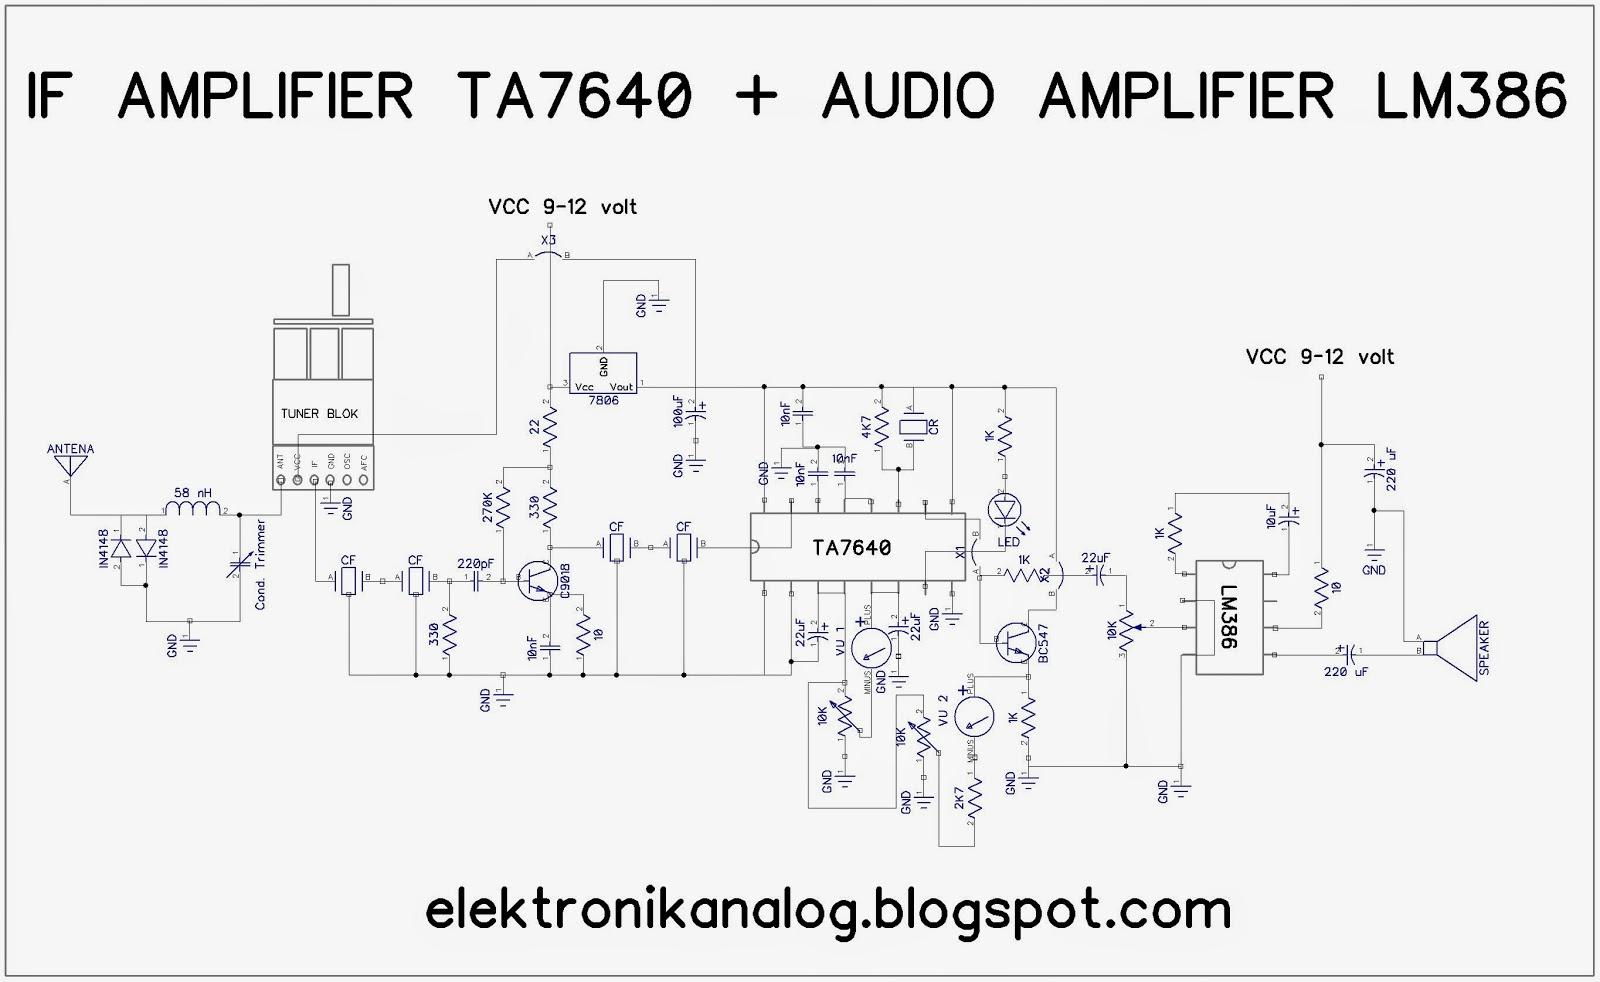 Elektronika analog vhf fm receiver menggunakan ic ta7640 berdasarkan datasheet ic ta7640 tegangan kerja maksimal 8 volt maka dengan ic regulator 7805 atau 7806 sudah cukup untuk mensuplai tegangannya ccuart Image collections